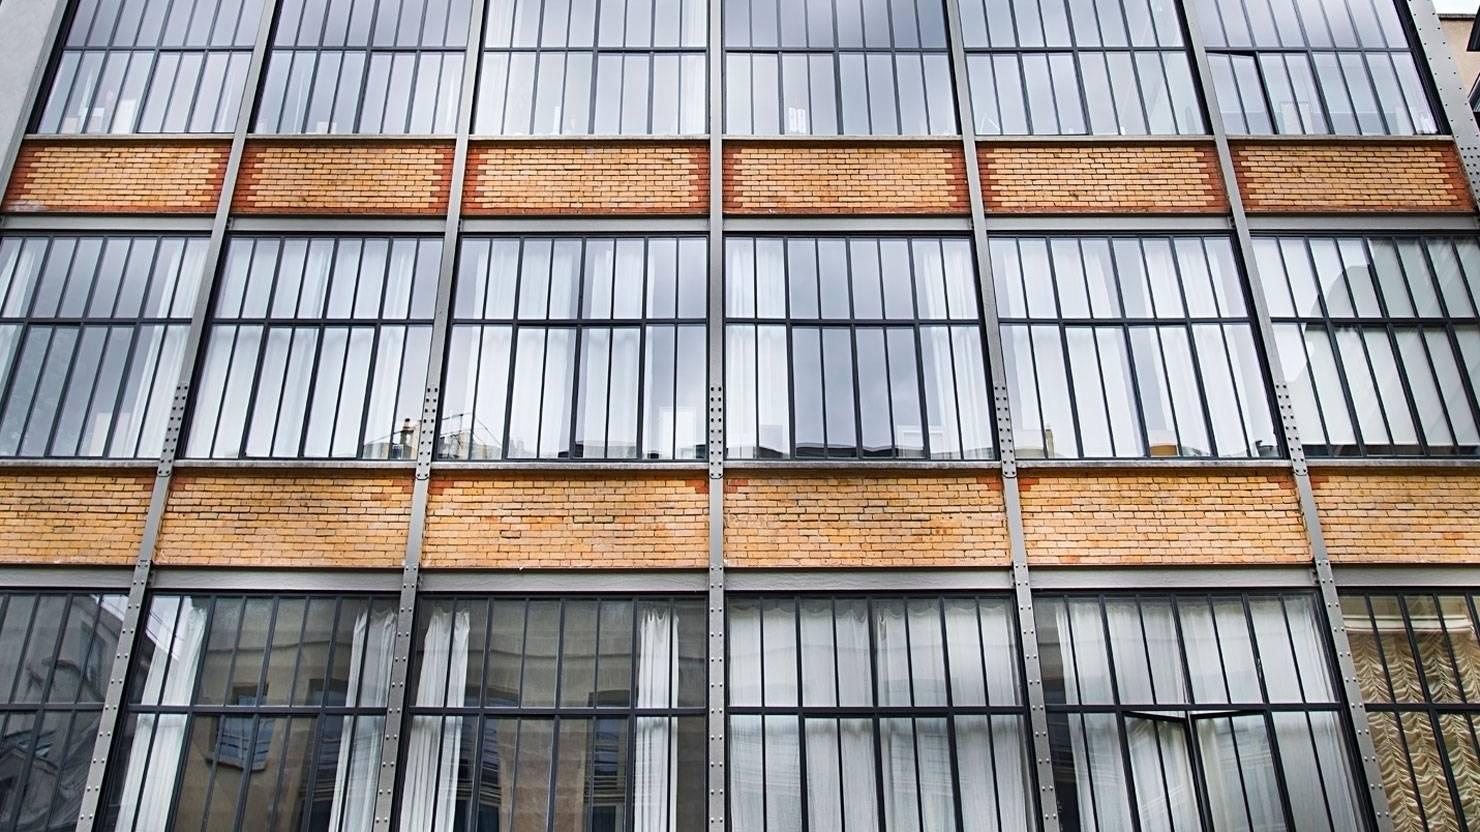 OS265-serramenti-facciata-acciaio-zincato-atelier-monchecourt-and-co-5_project_big